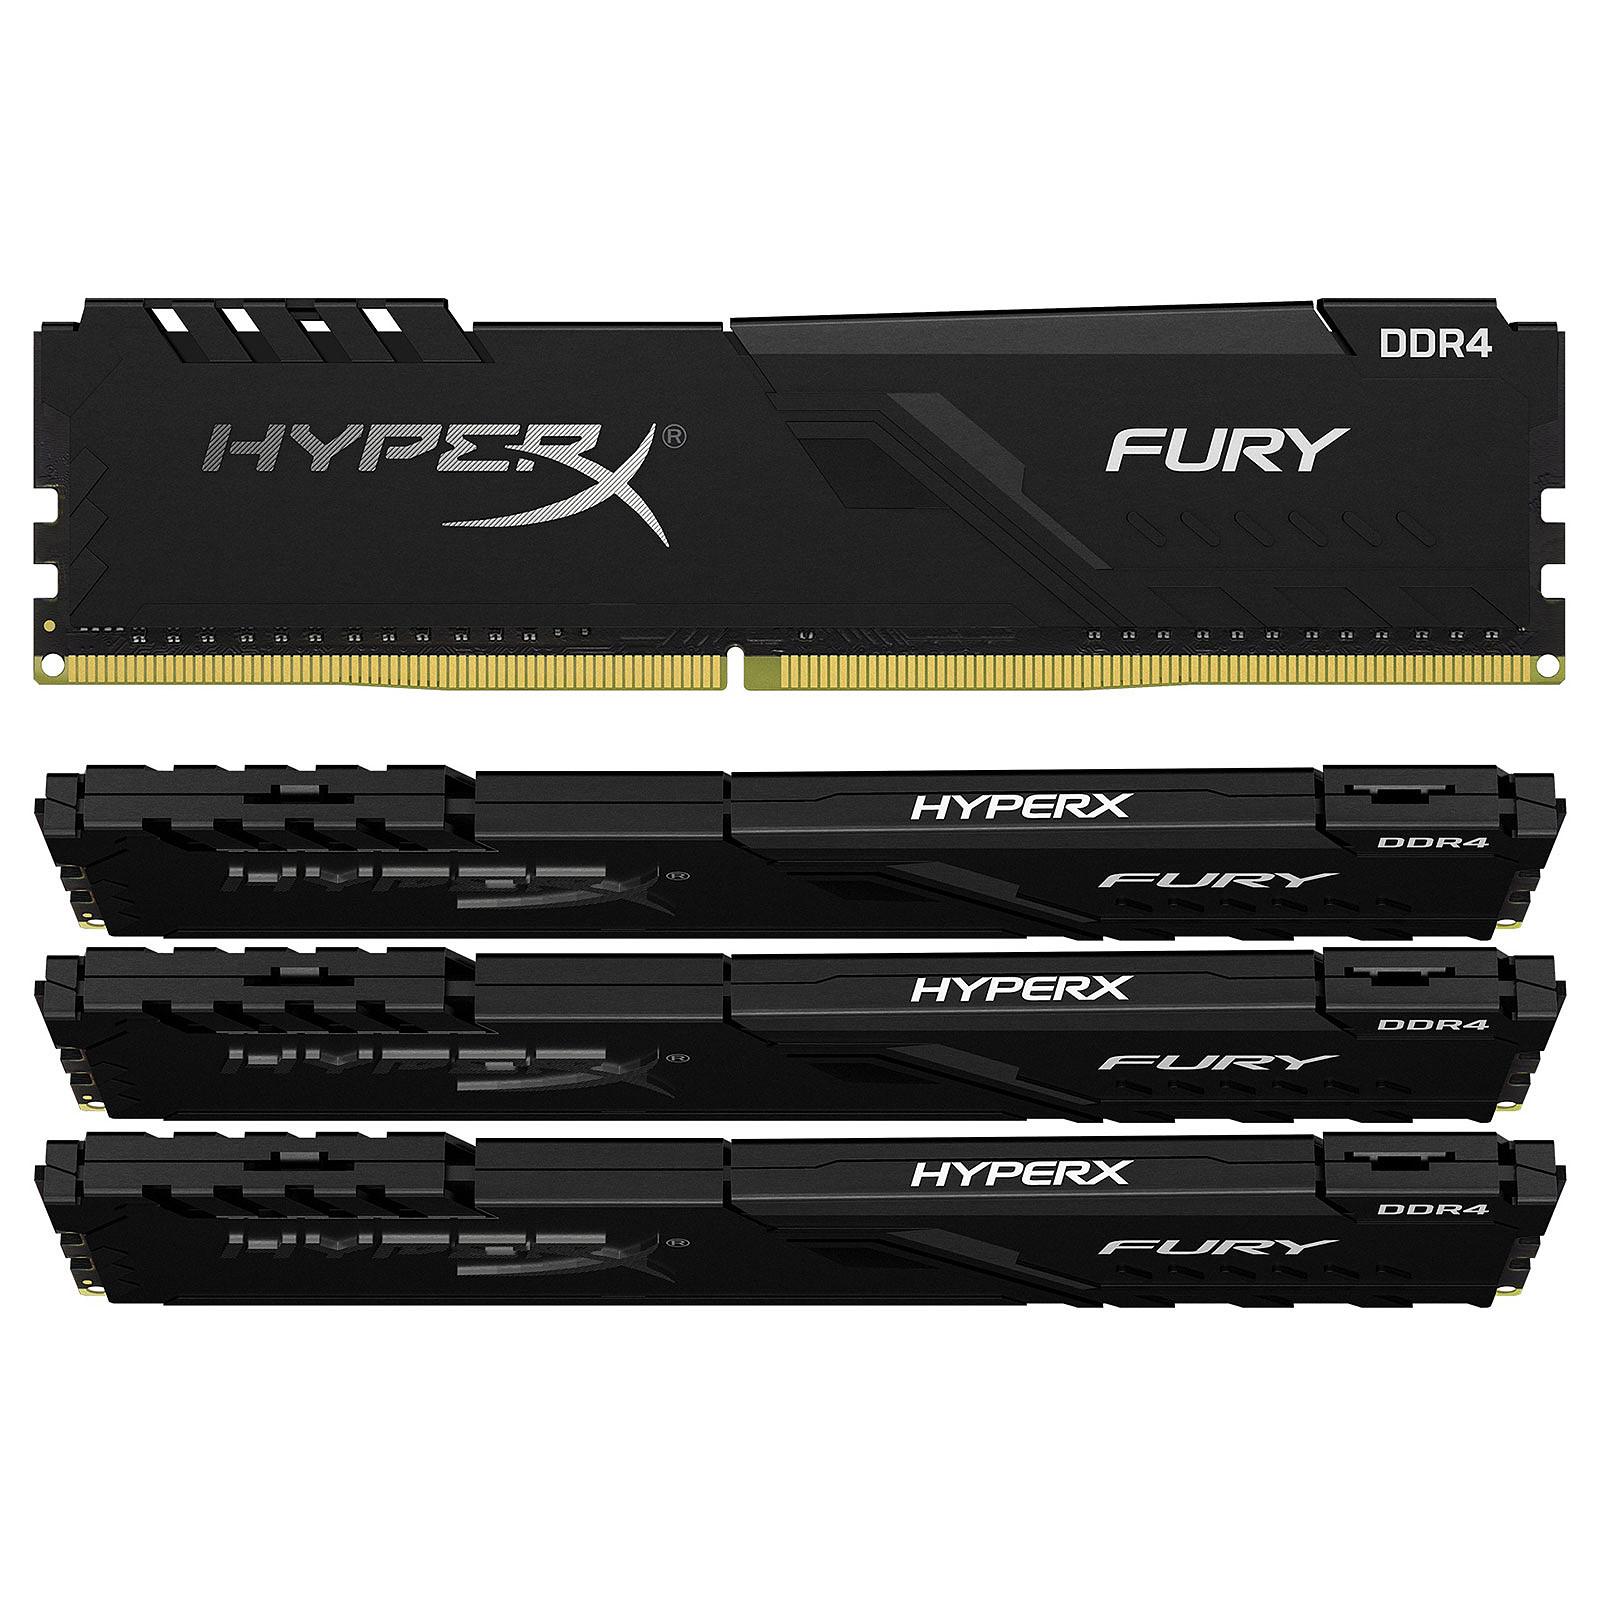 HyperX Fury 32 GB (4 x 8 GB) DDR4 3000 MHz CL15